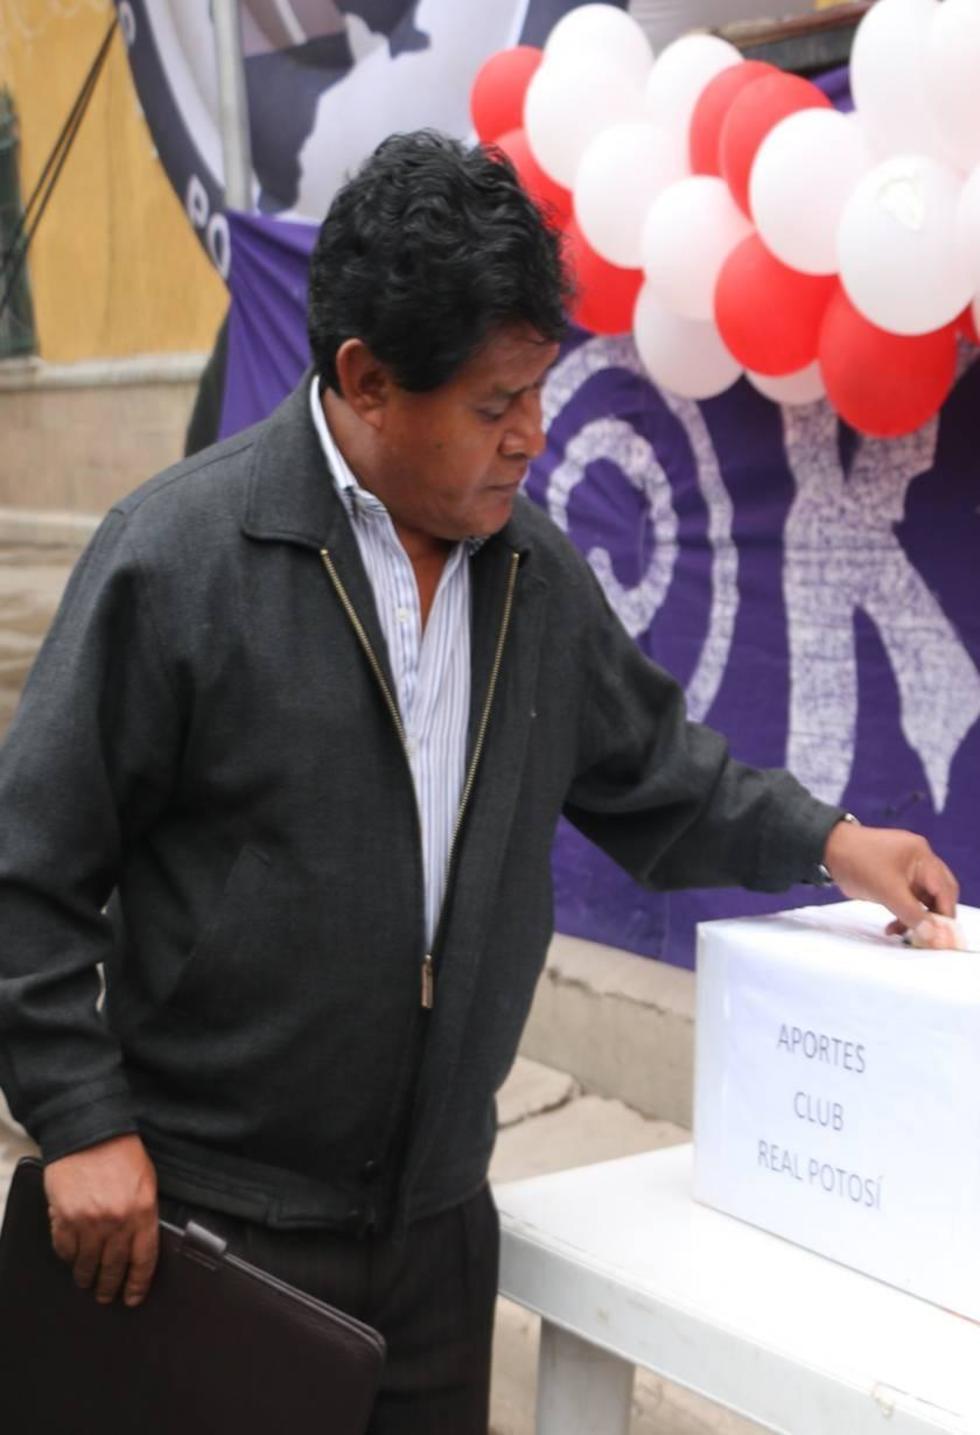 Potosinos pretenden evitar el descenso del Club Real Potosí